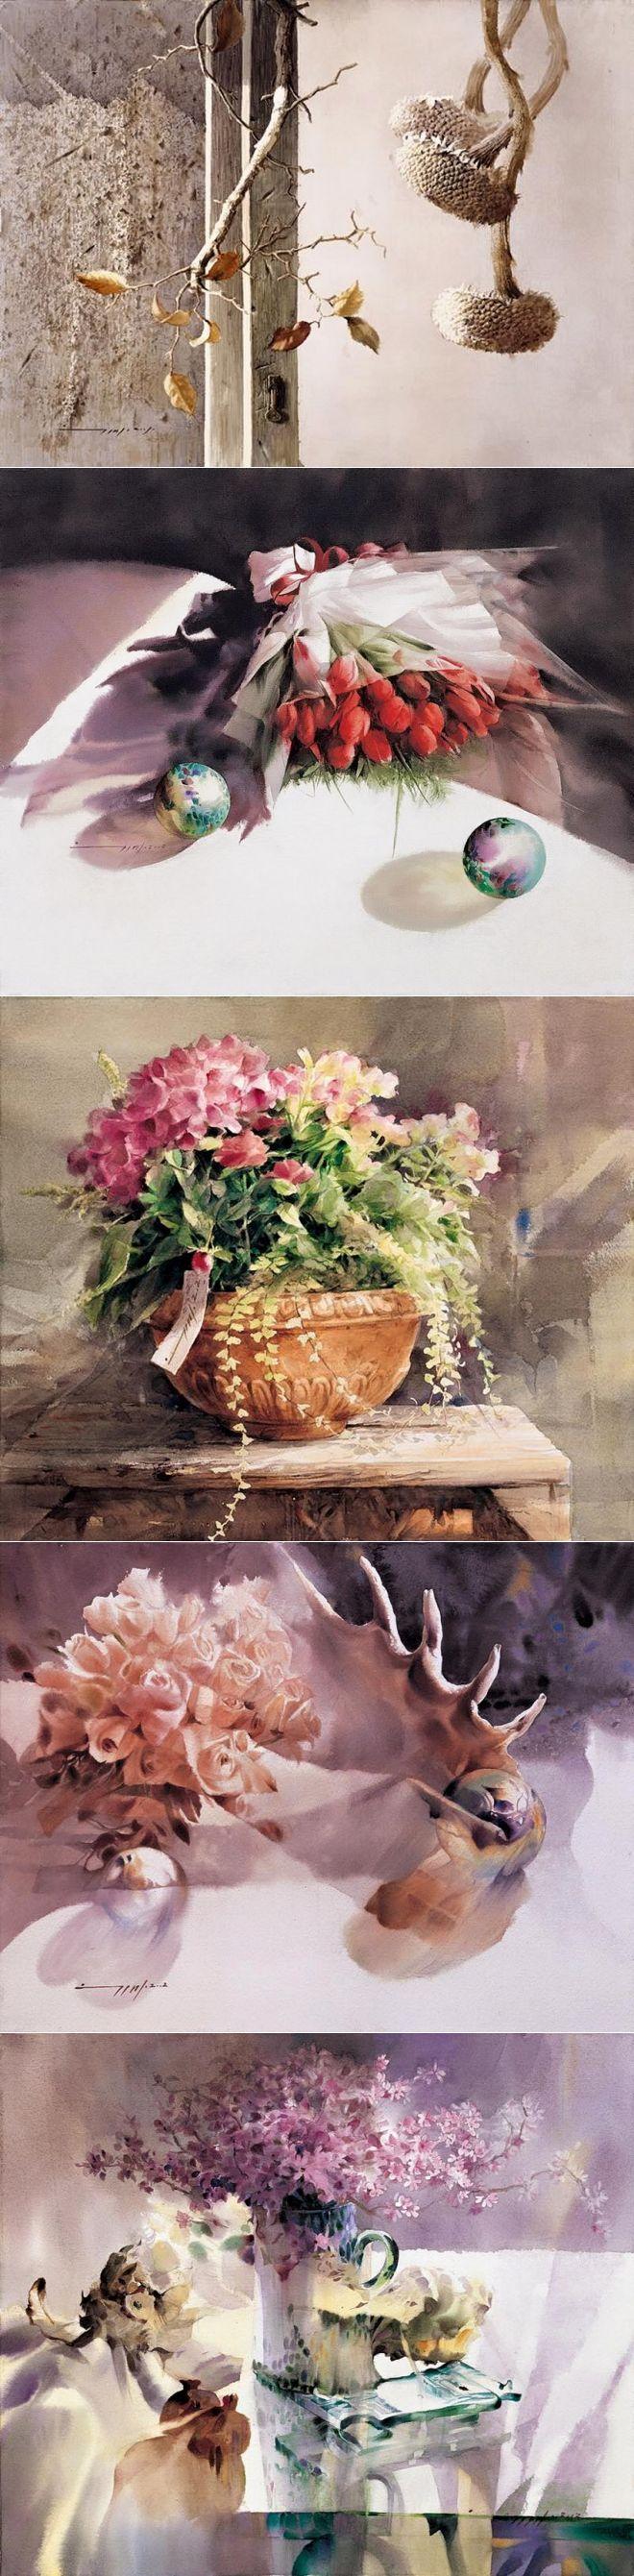 Акварель – один из самых поэтичных видов живописи. Художник You Mee Park.